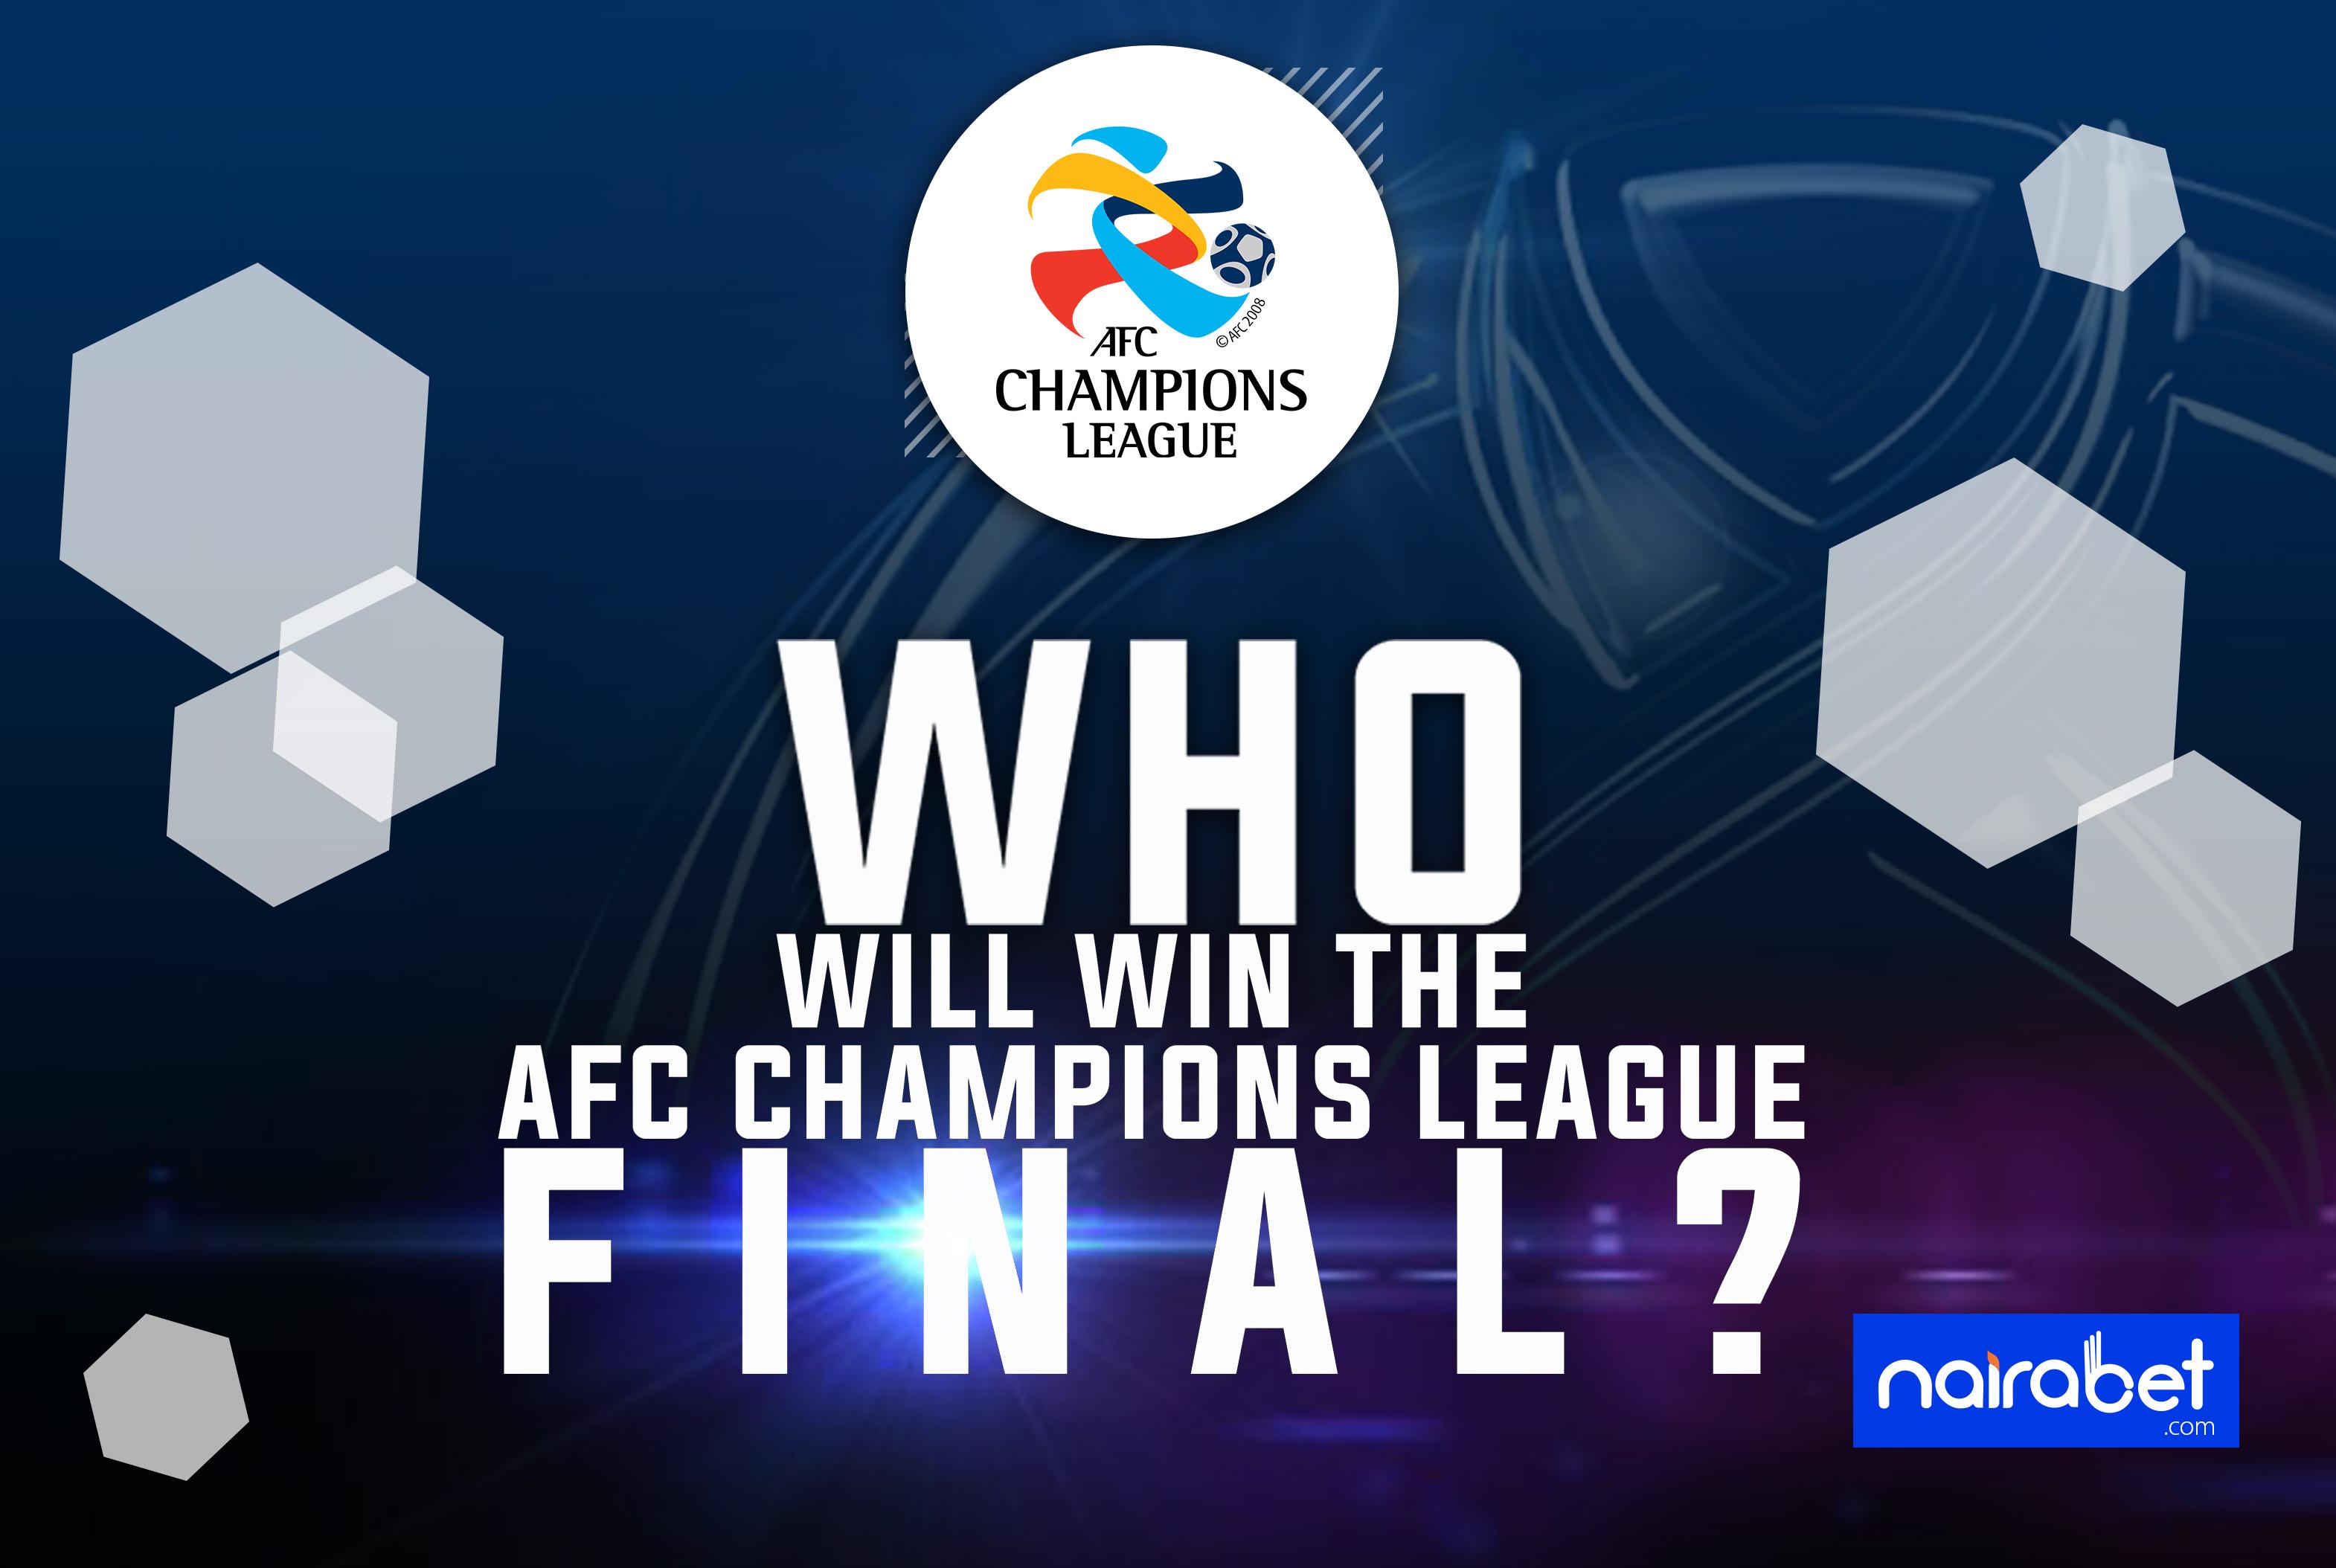 afc champions league final